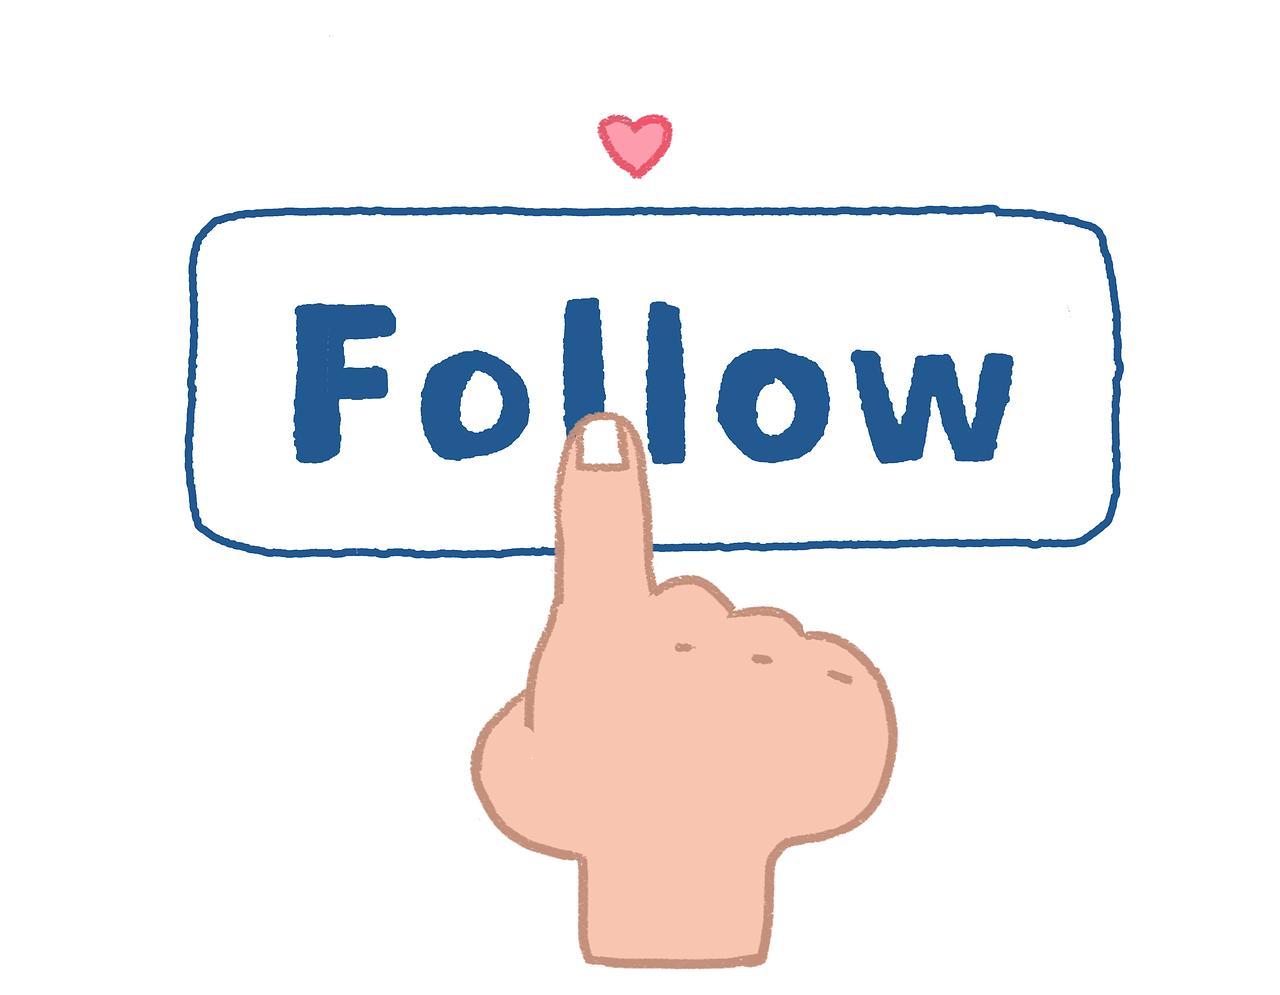 follow, followers, instagram followers